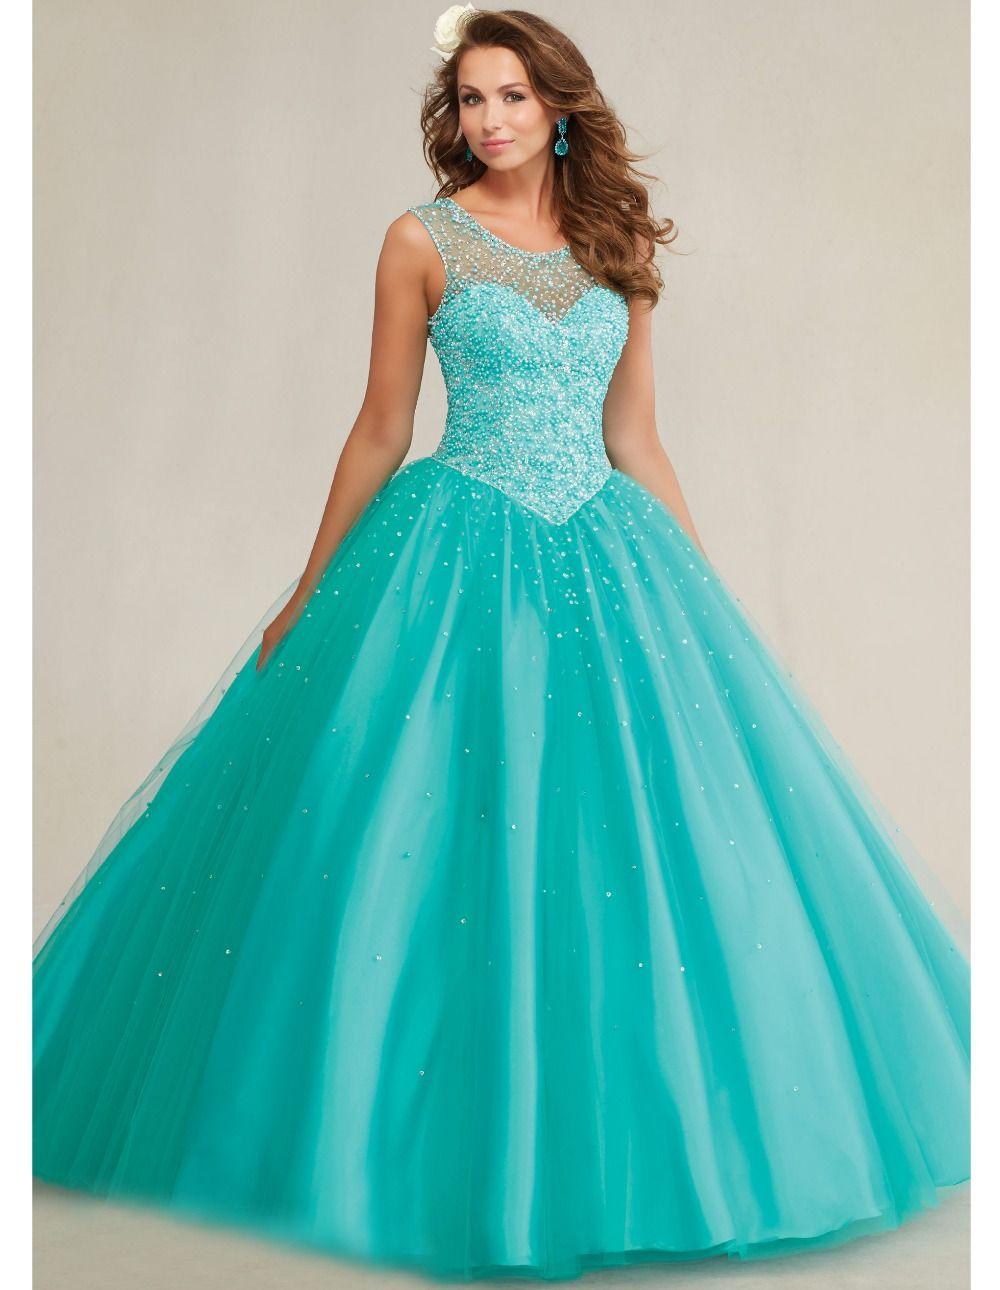 04208769d0 ... vestido de 15 anos. Encontrar Más Vestidos de Quinceañera Información  acerca de Quinceanera 15 años vestidos de 15 años 2015 azul del dulce 16  vestidos ...